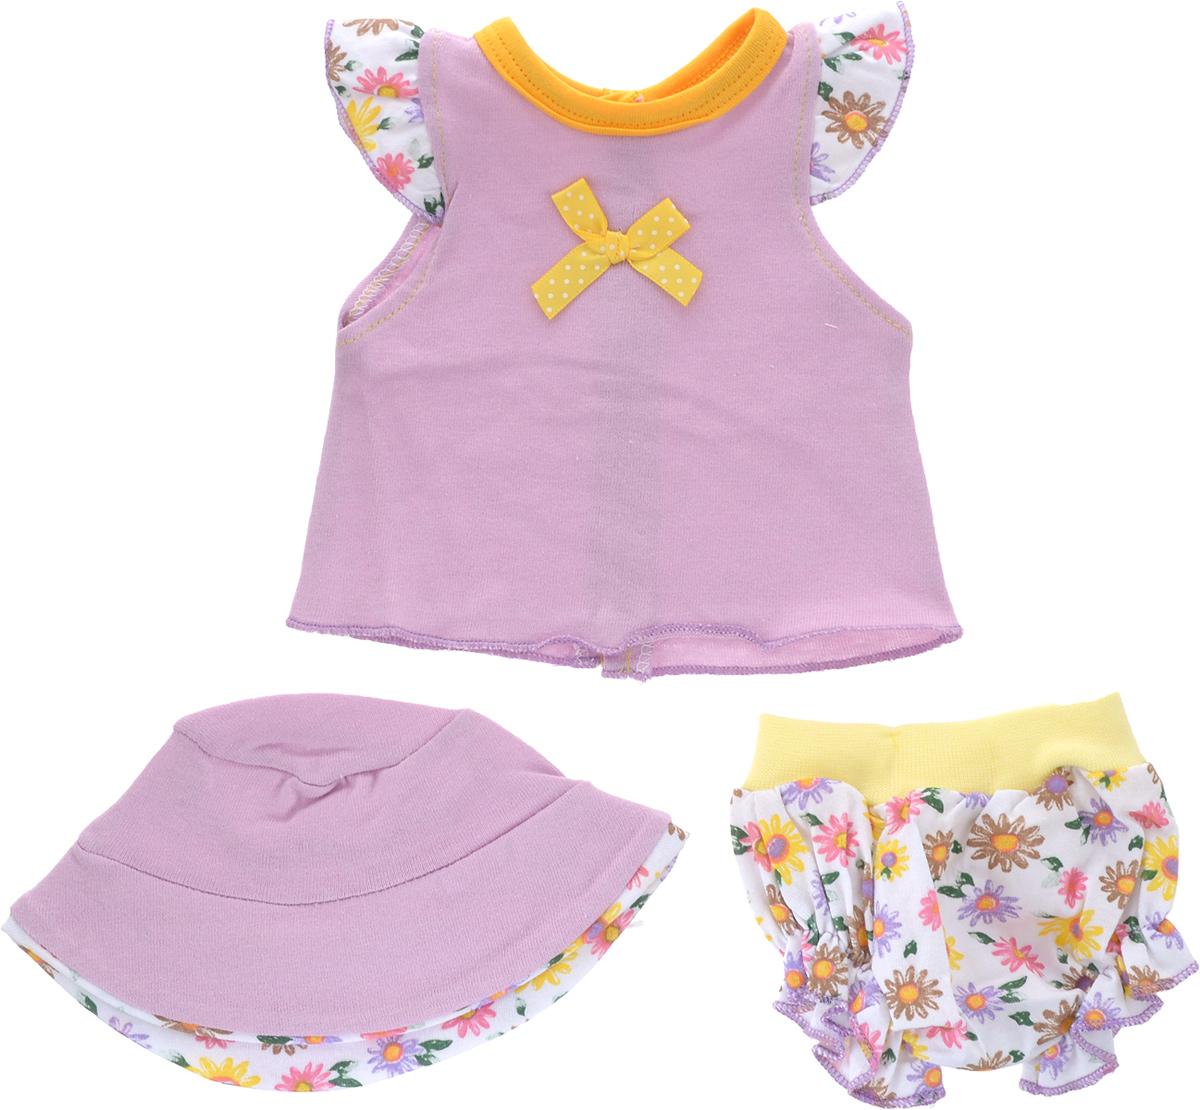 Карапуз Комплект одежды для куклы Костюмчик с шапочкой цвет сиреневый горяинова о костюмчик с иголочки